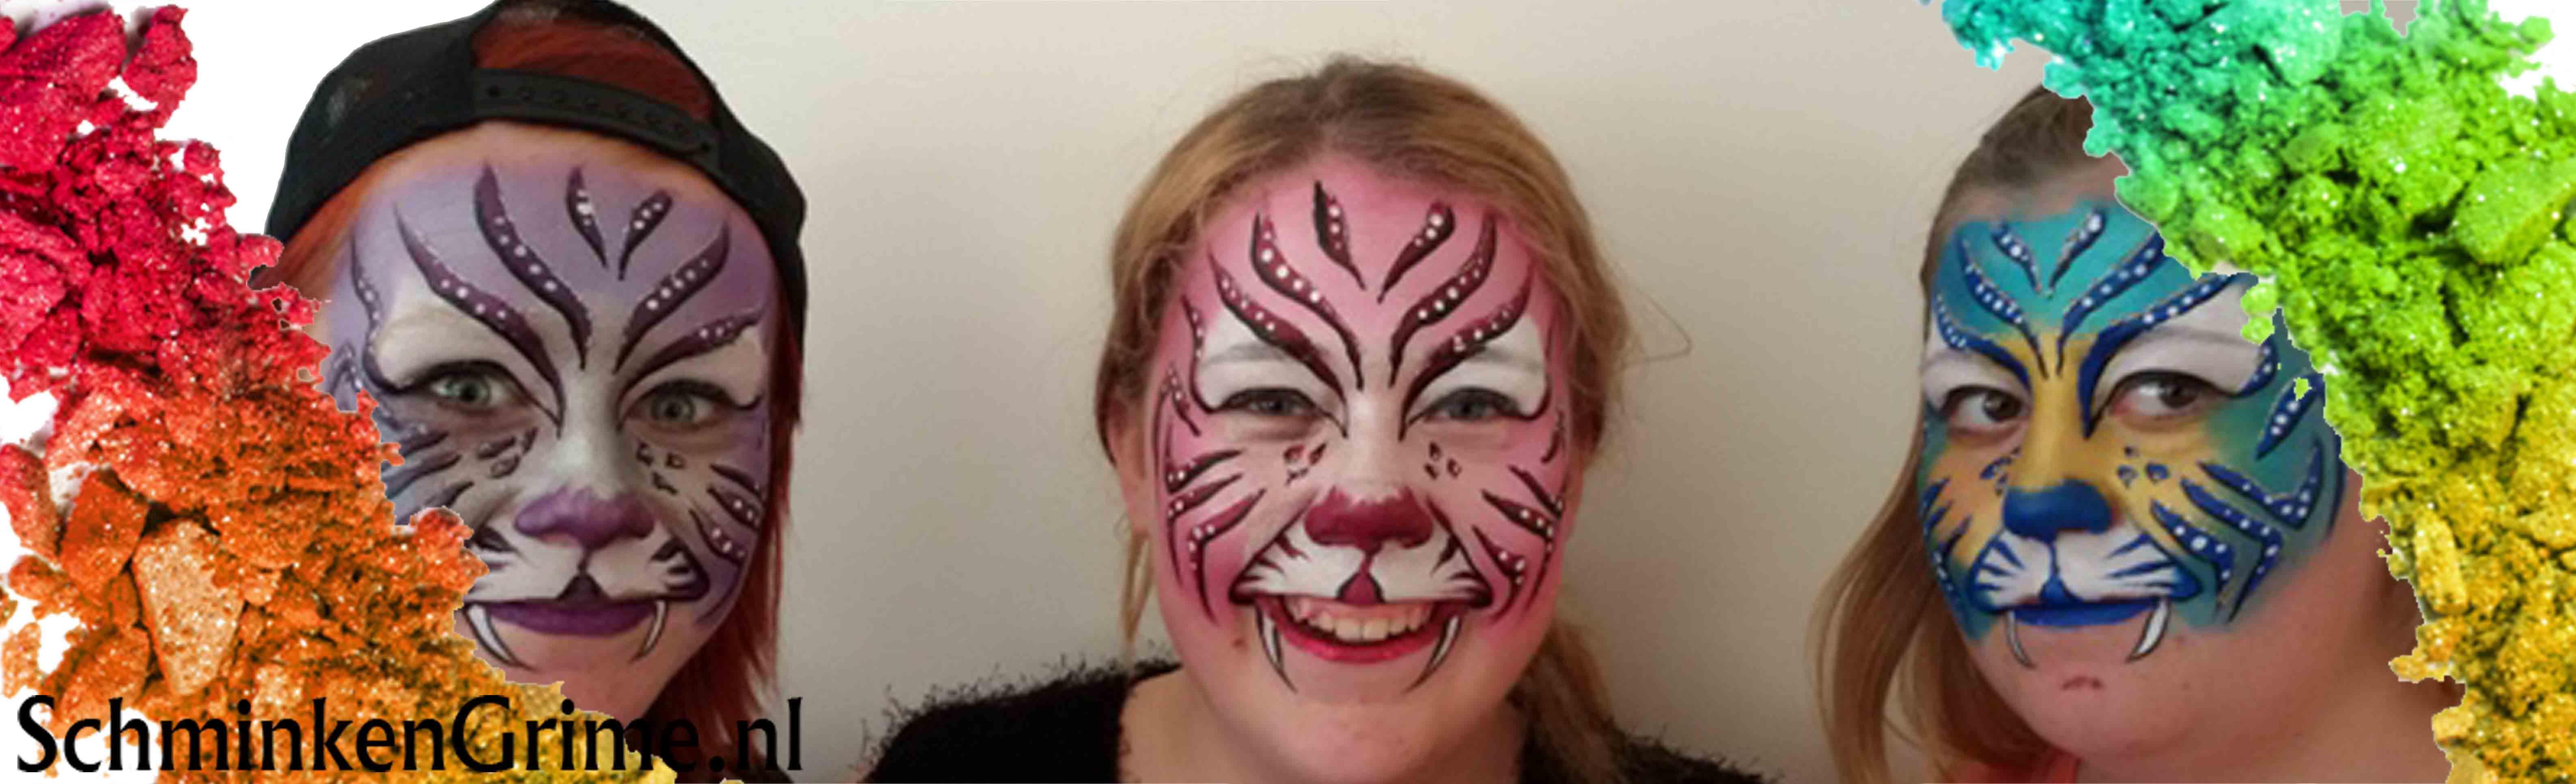 Genoeg SchminkenGrime.nl | Een eenvoudige tijger schminken, deel 2 @LF63